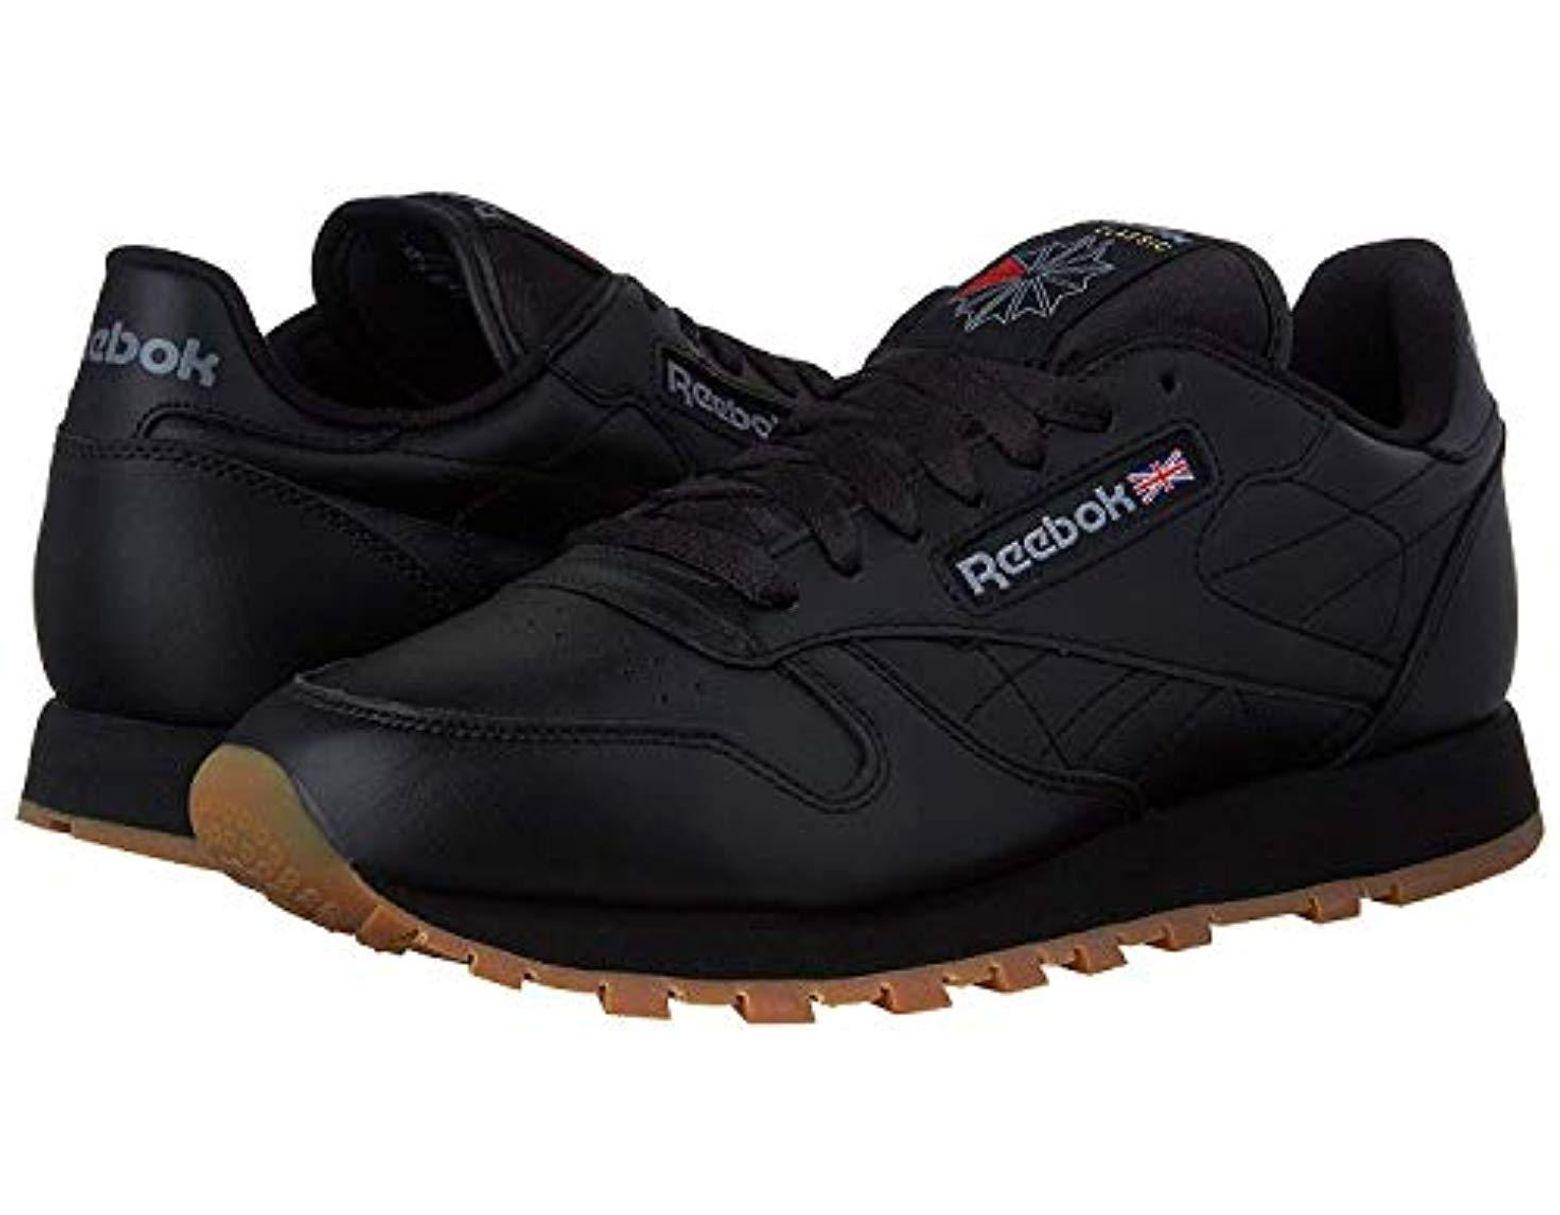 Reebok Classic Leather Fashion Sneaker (48 49 M Eu 14 D(m